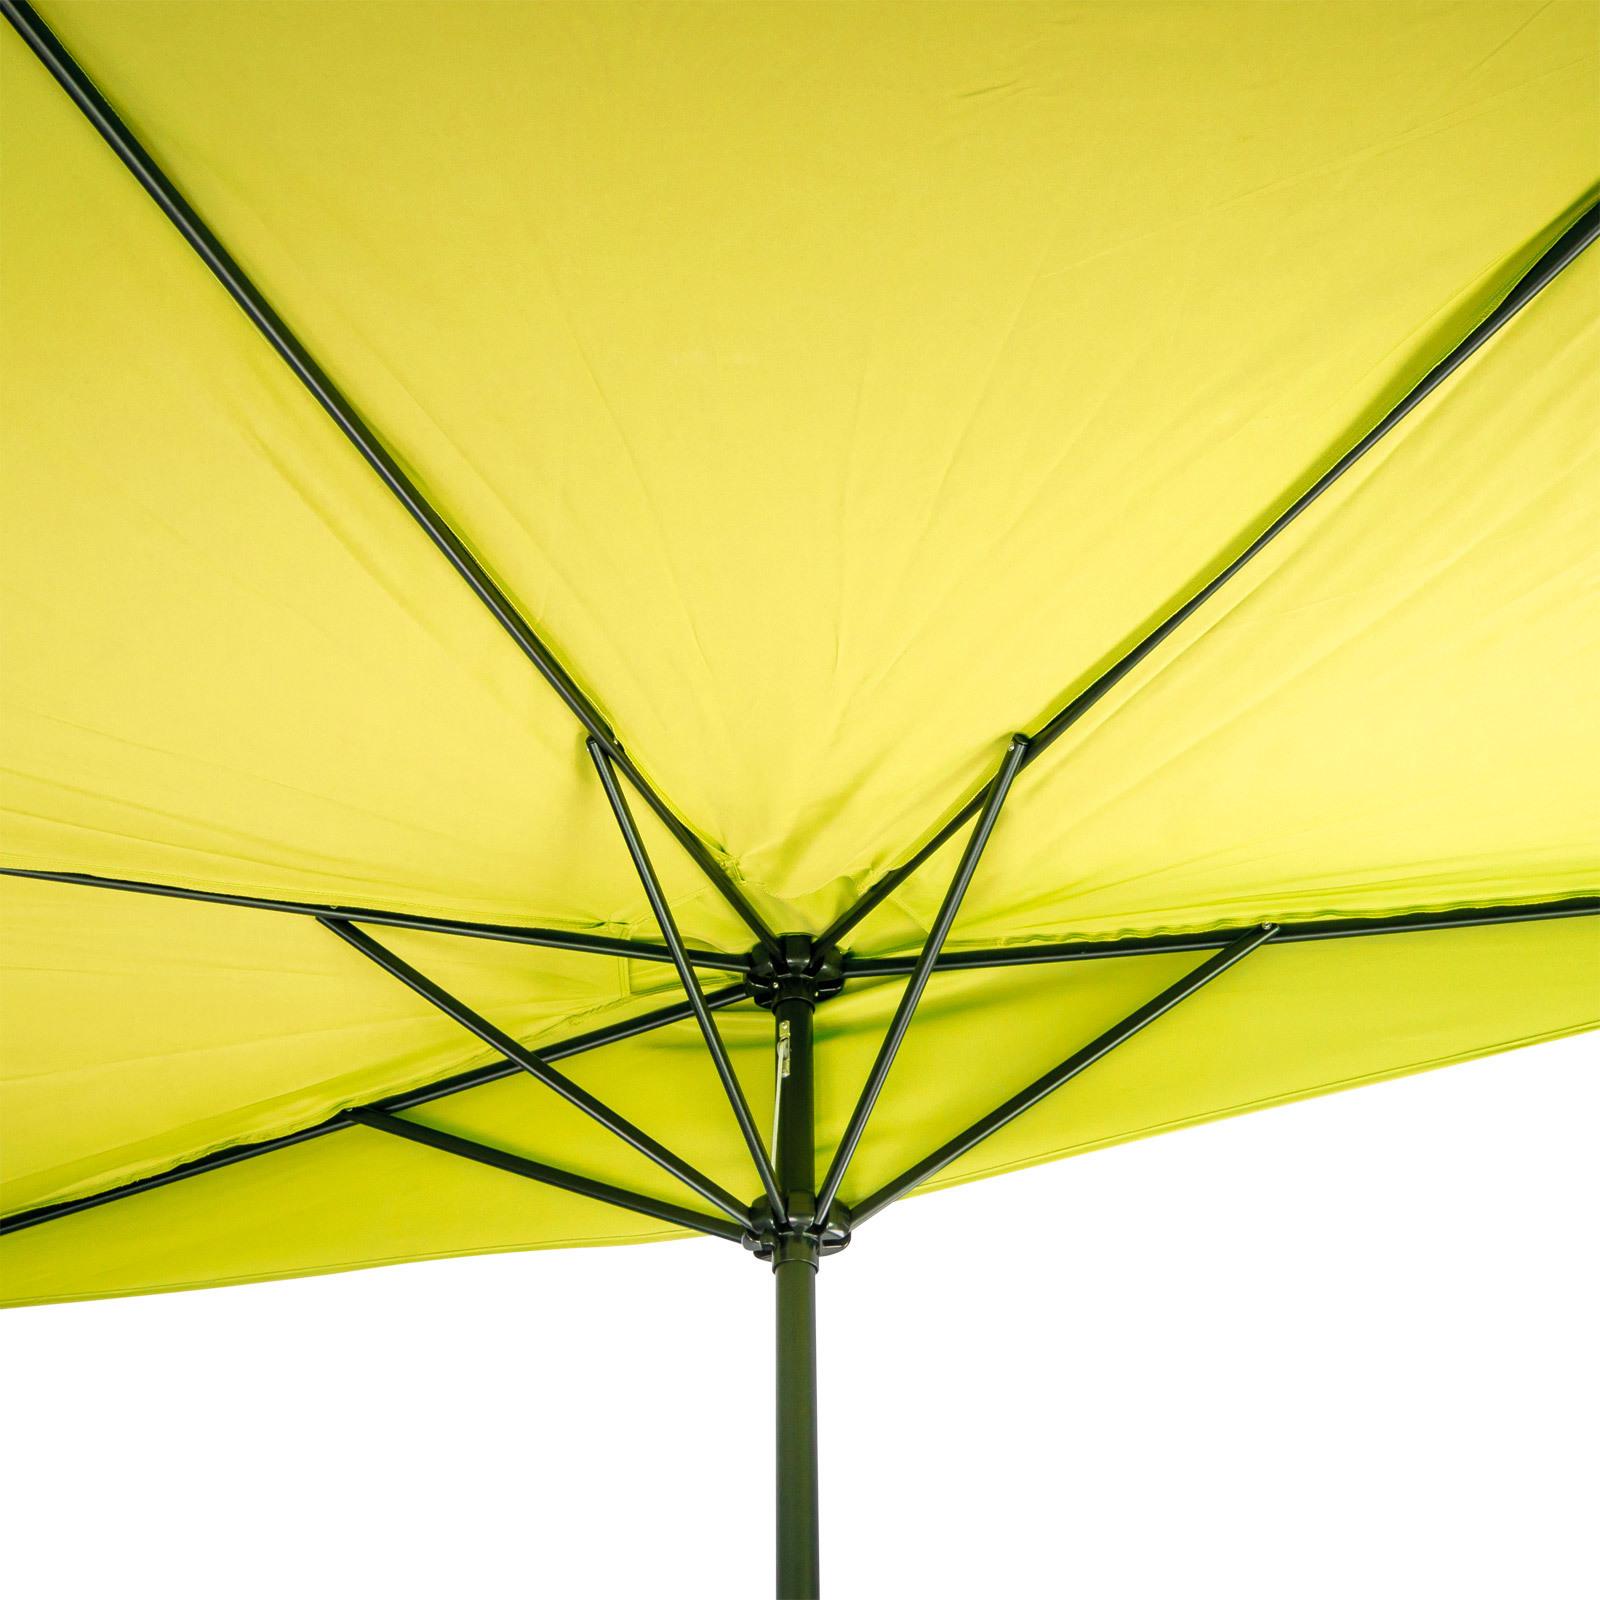 sonnenschirm gartenschirm sonnenschutz halbrund lemon gelb breite 300x156 cm ebay. Black Bedroom Furniture Sets. Home Design Ideas